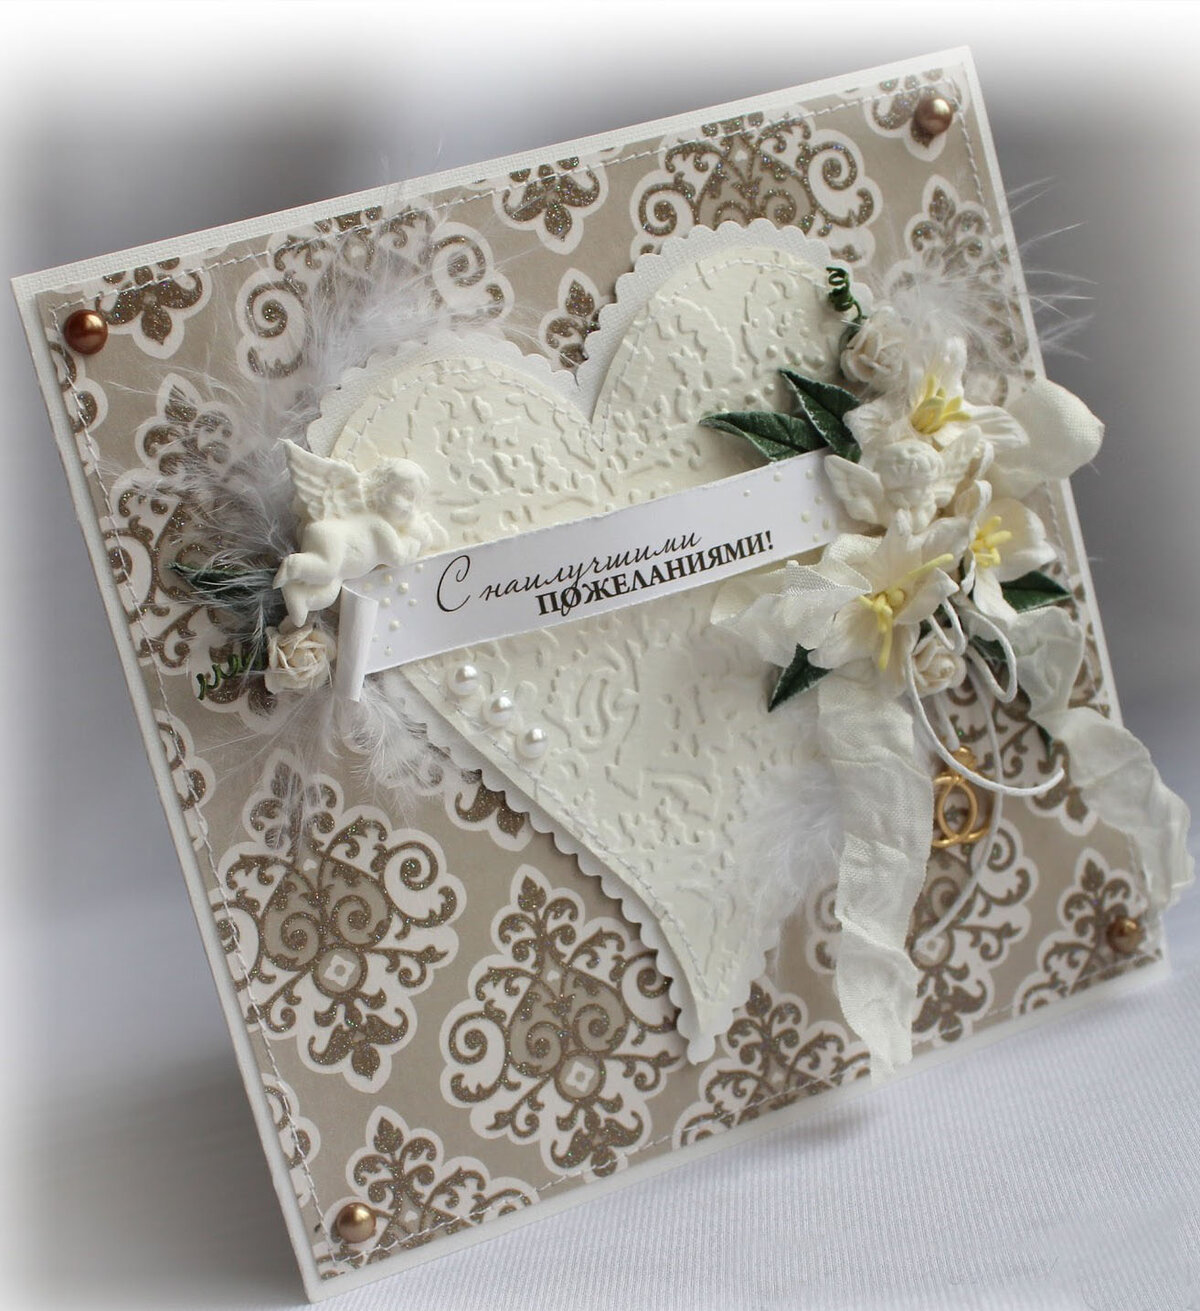 Необычные открытки с днем свадьбы